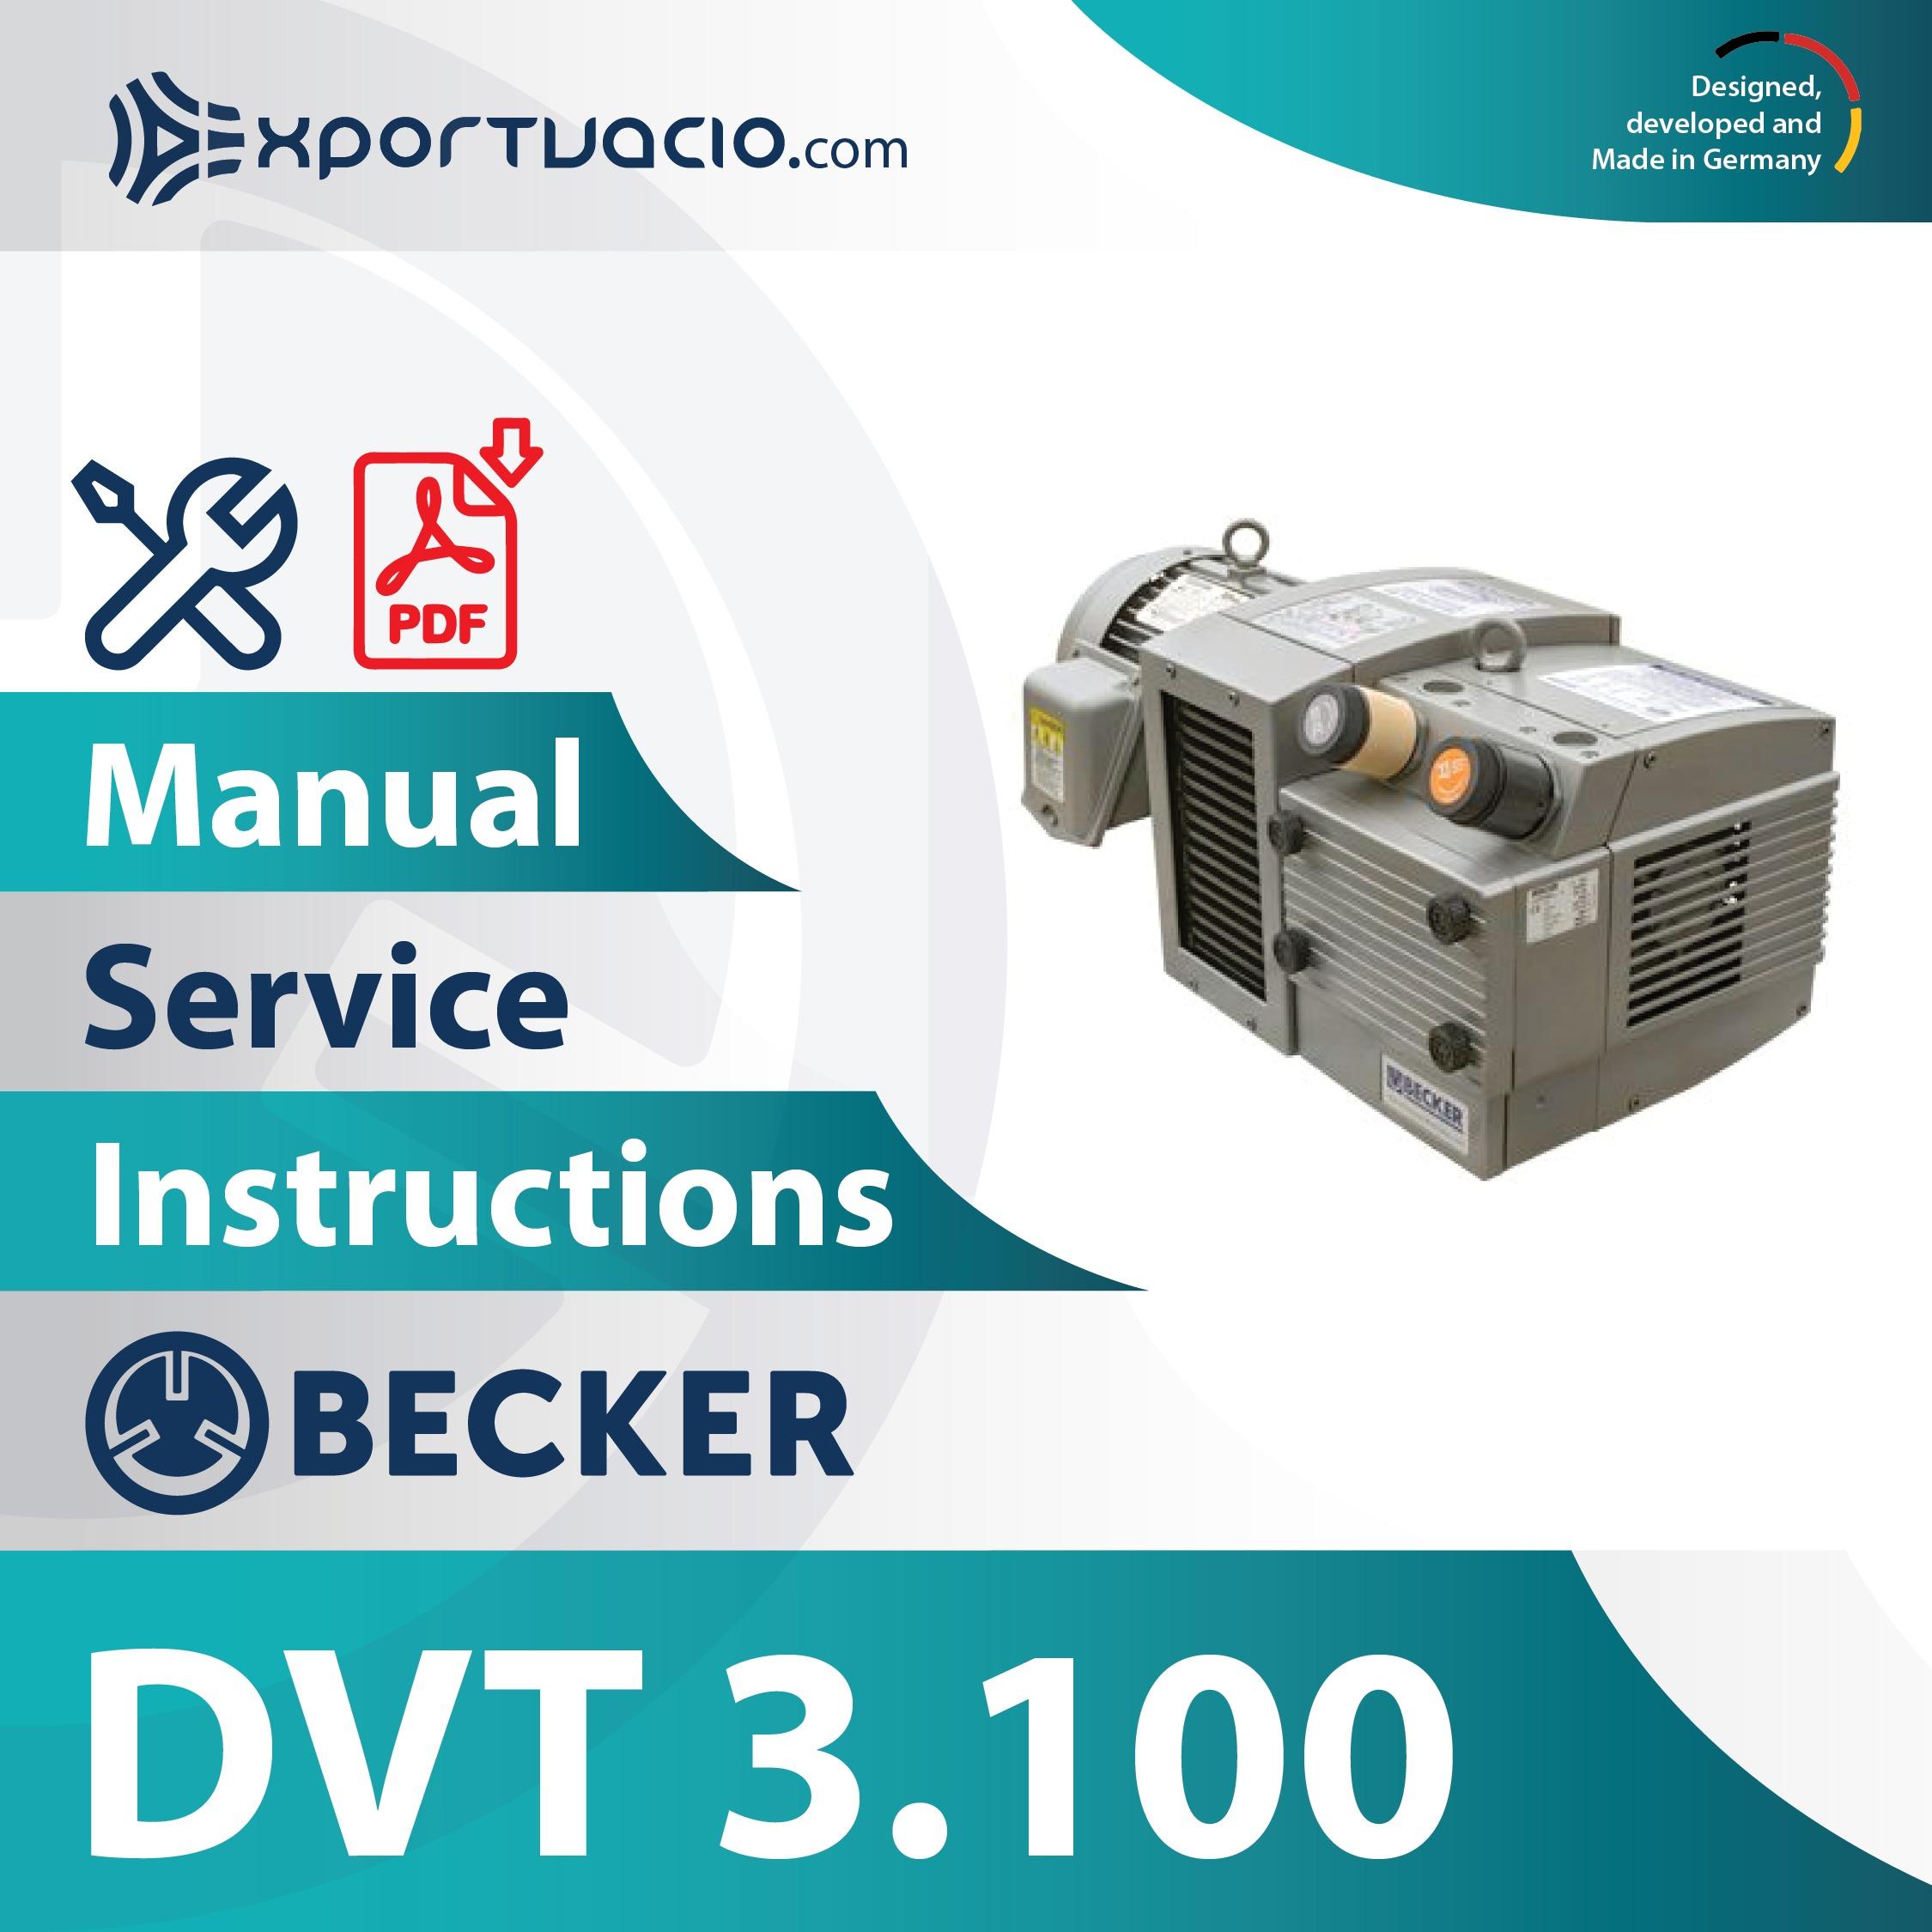 Becker DVT 3.100